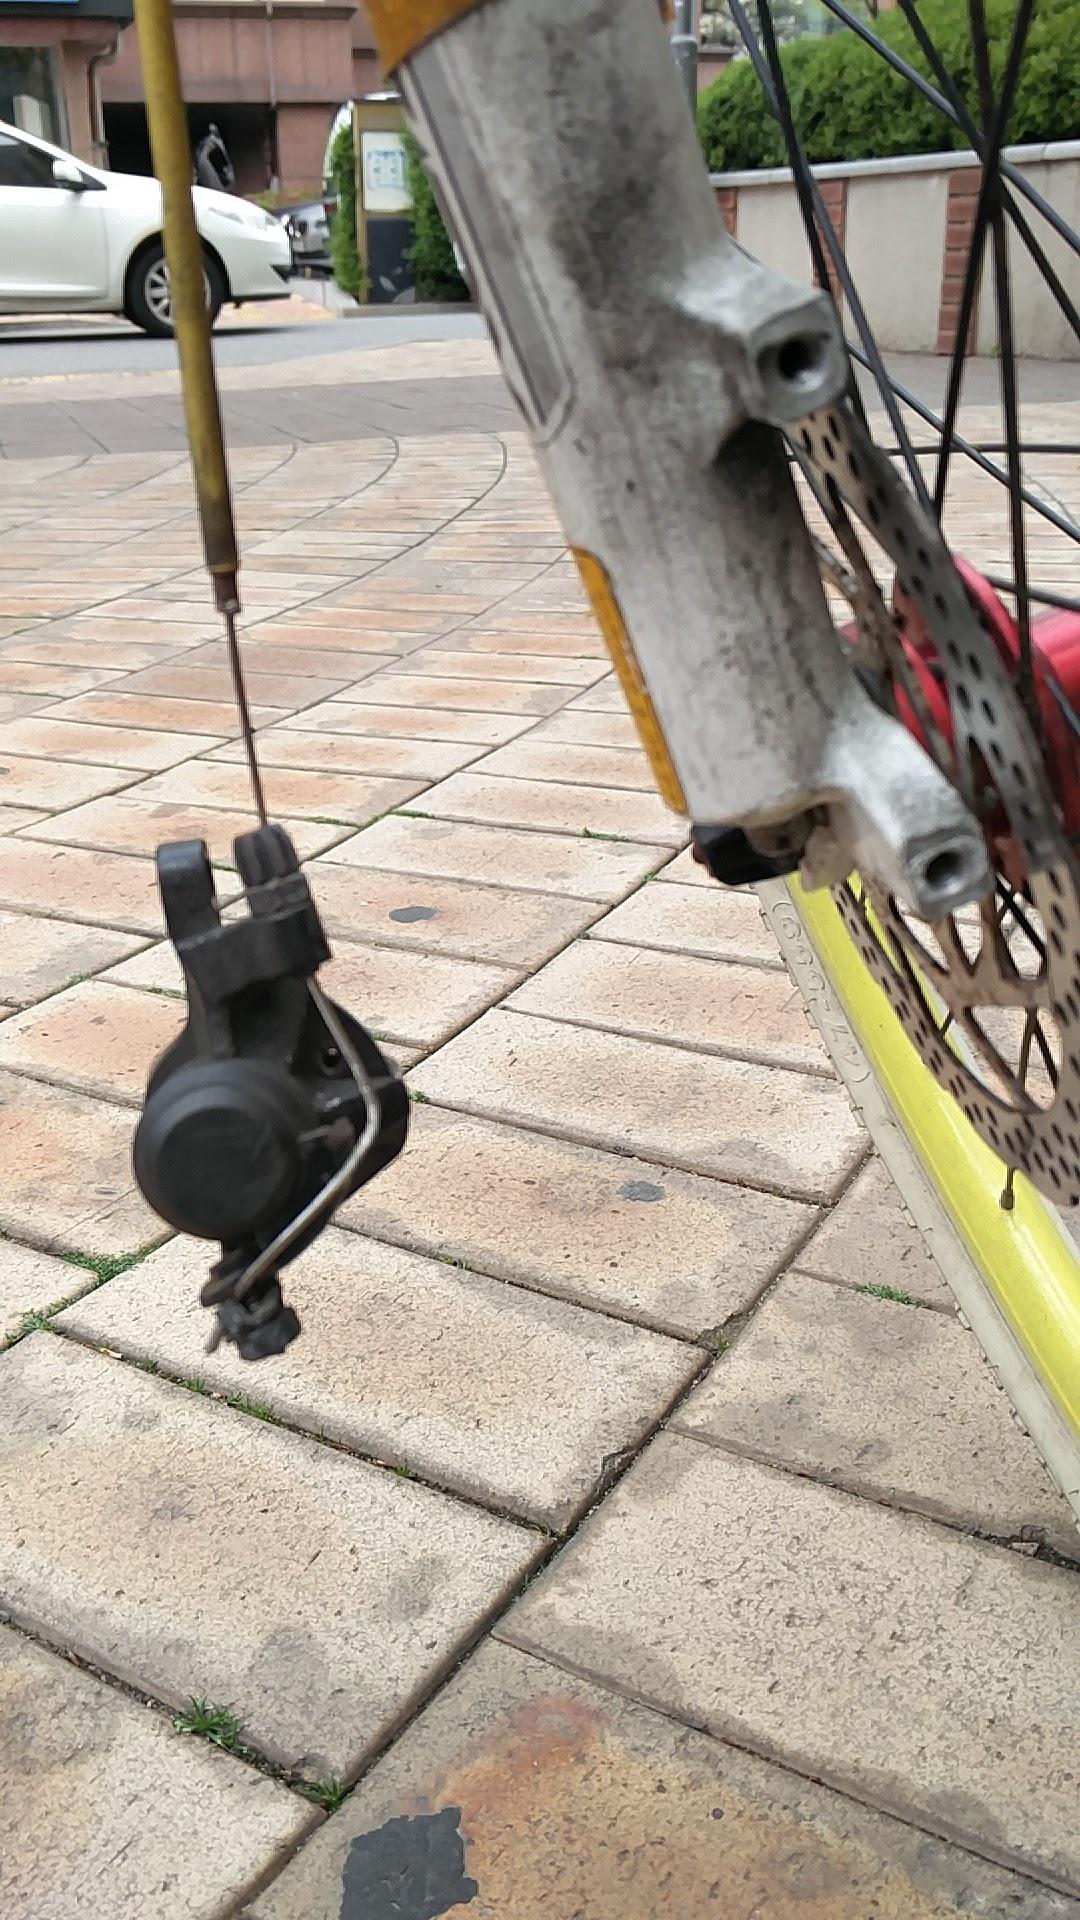 분리-'자전거 디스크 브레이크 패드 교체(How to replace break pads of the disk brakes)'